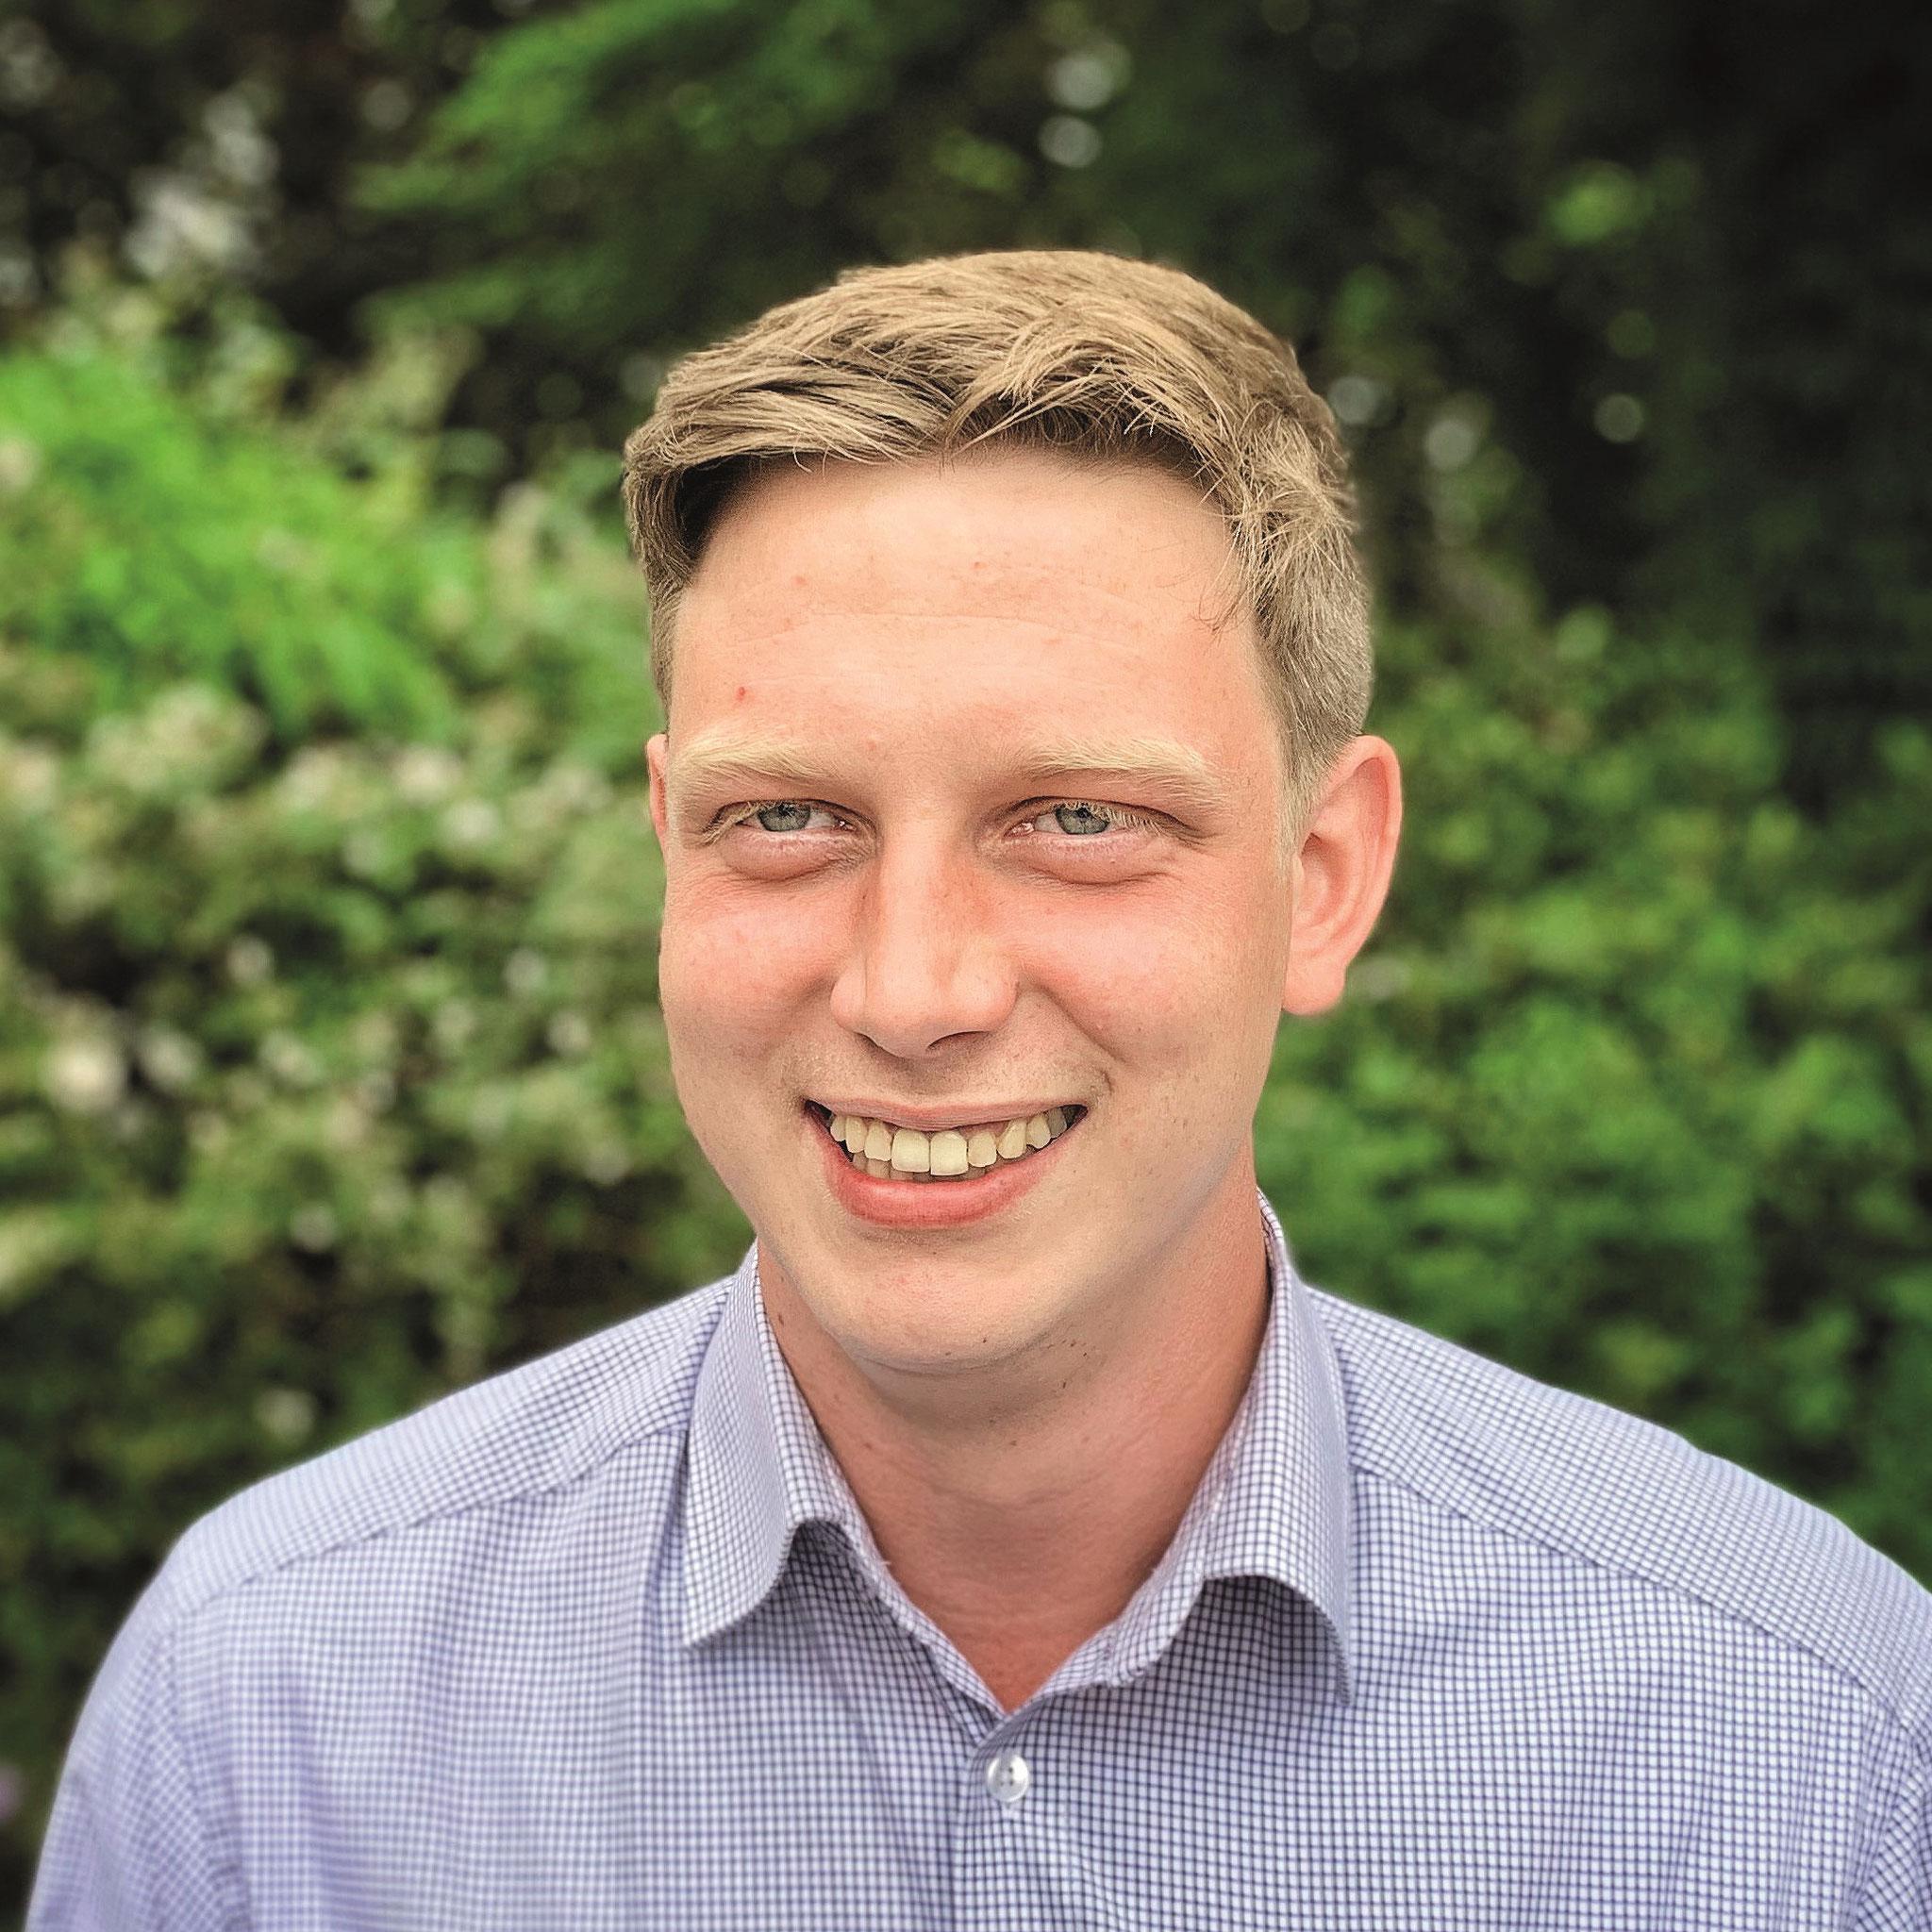 Tim Köhler (Ollsen)